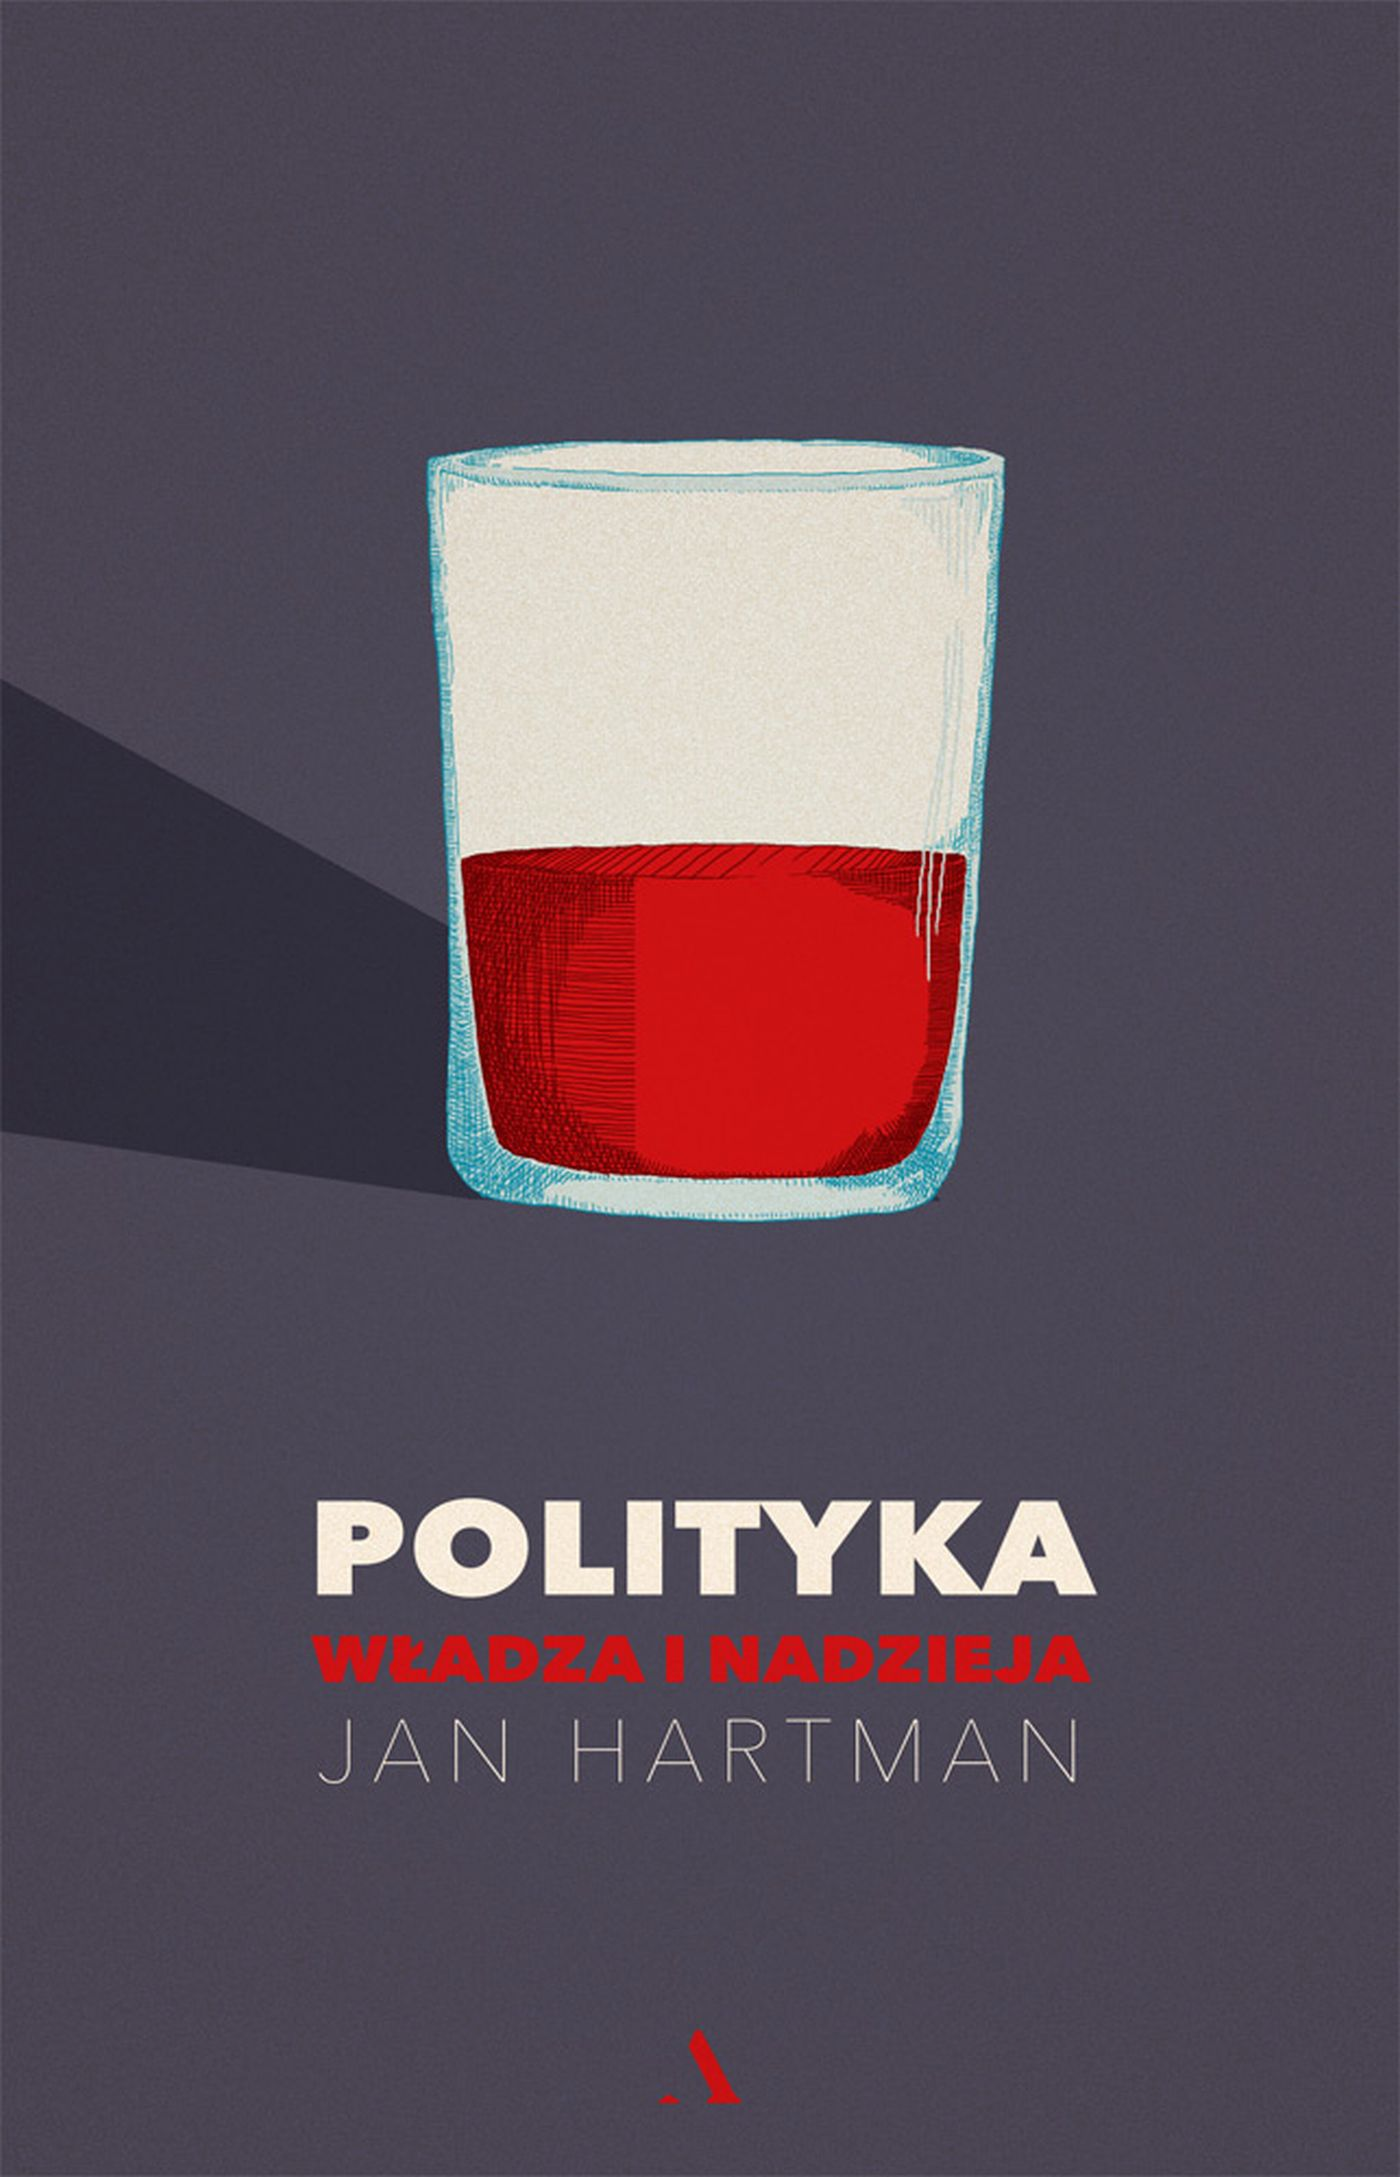 Polityka. Władza i nadzieja - Ebook (Książka na Kindle) do pobrania w formacie MOBI